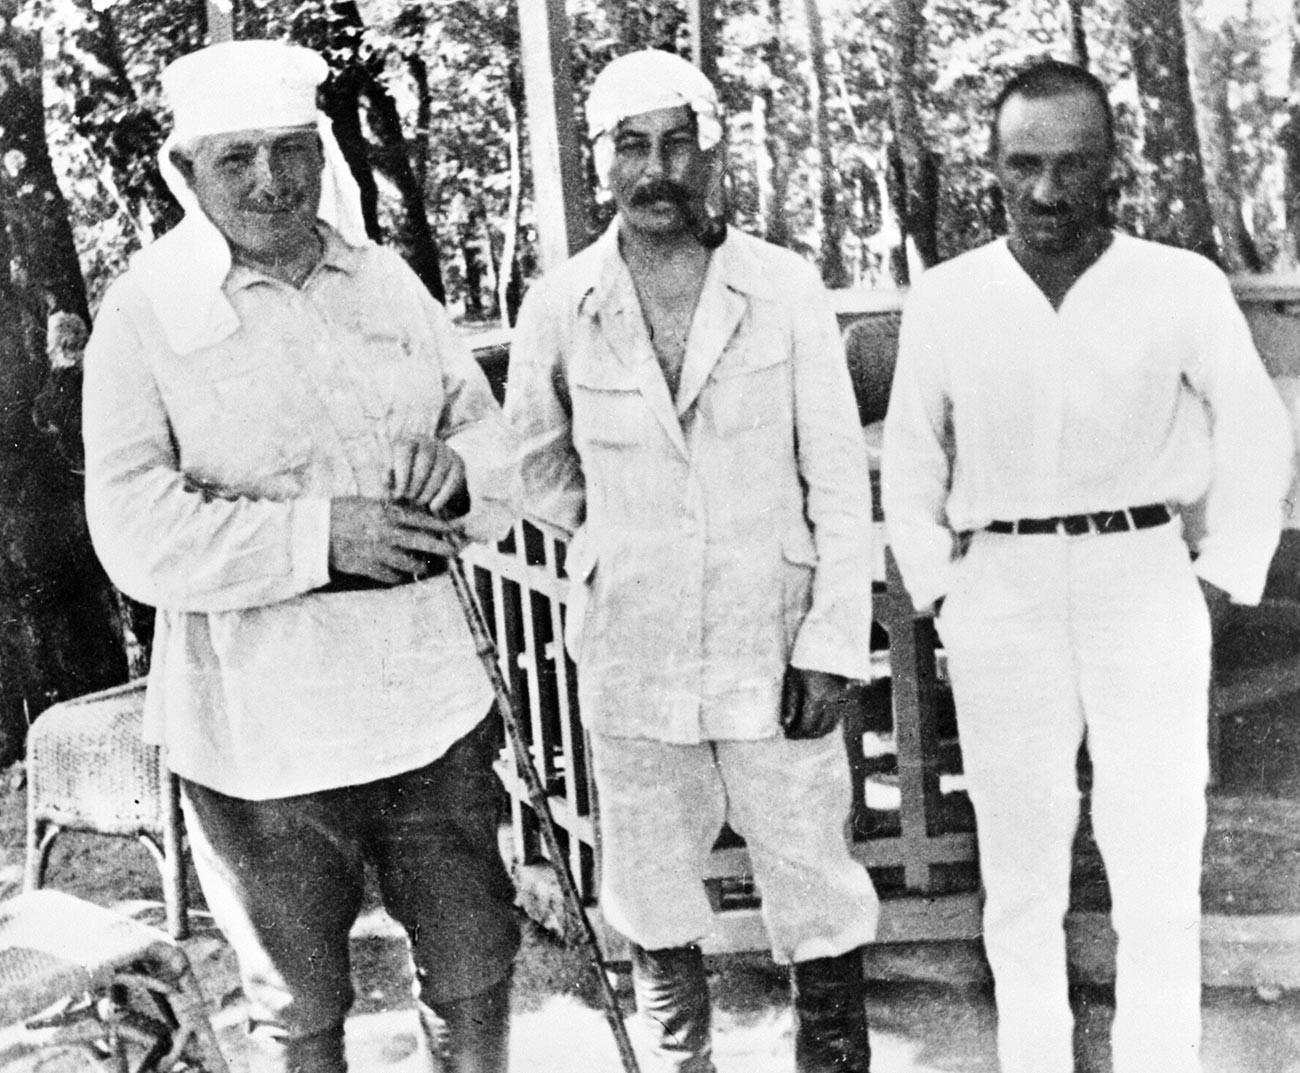 Stálin (centro) e Anastas Mikoian (direita) descansando